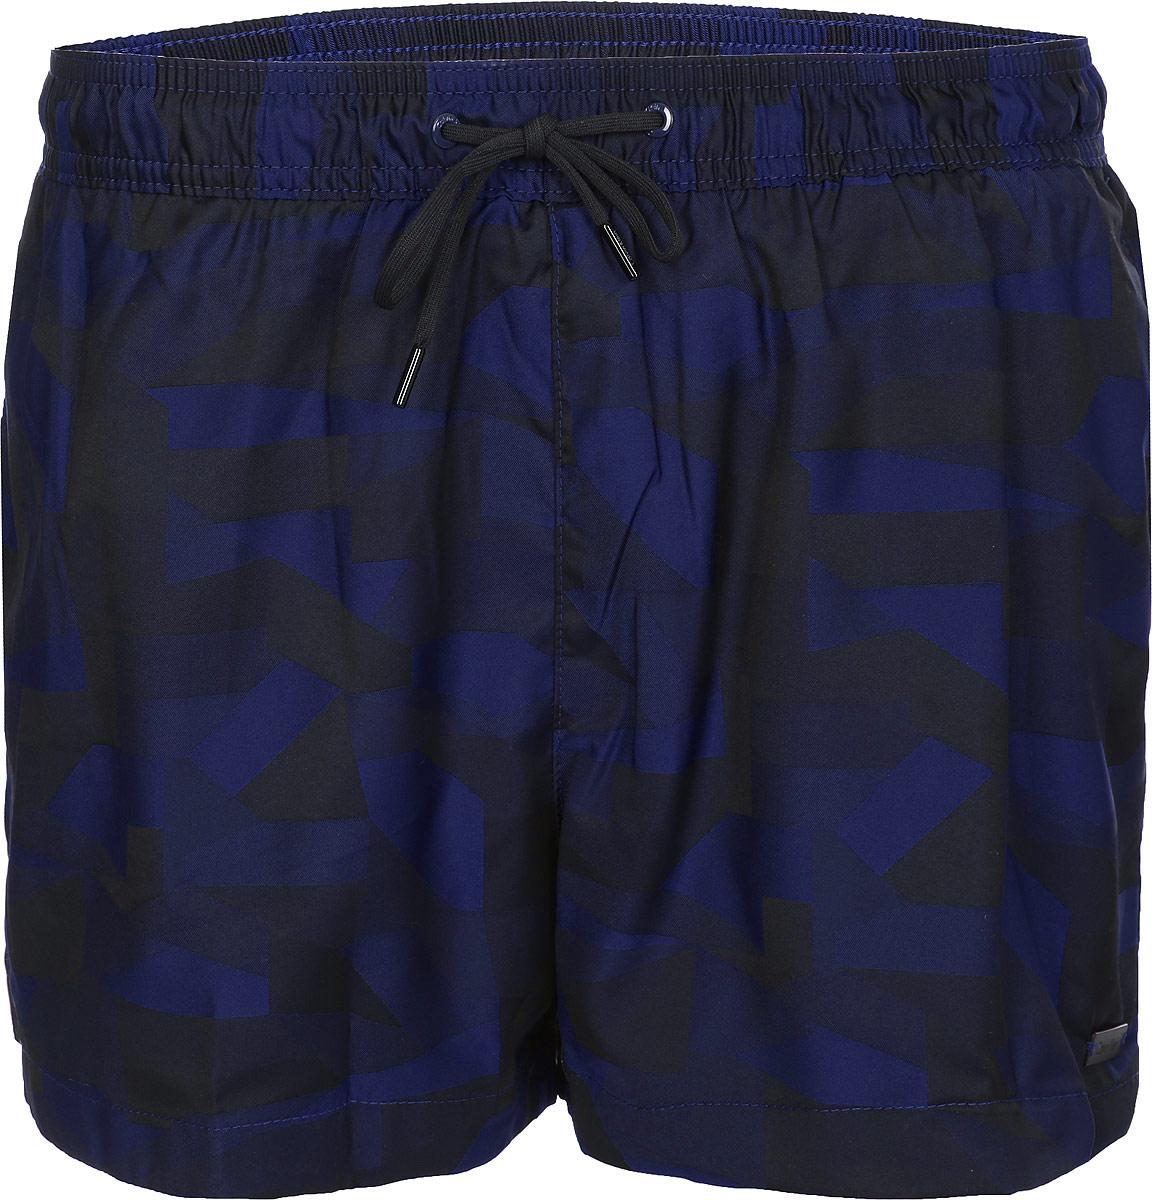 Шорты для плавания мужские Calvin Klein Underwear, цвет: темно-синий. KM0KM00144_470. Размер XL (54)KM0KM00144_470Мужские шорты для плавания Calvin Klein Underwear выполнены из быстросохнущего материала. Модель имеет широкую эластичную резинку на поясе. Объем талии регулируется при помощи шнурка. Шорты дополнены одним прорезным карманом сзади.